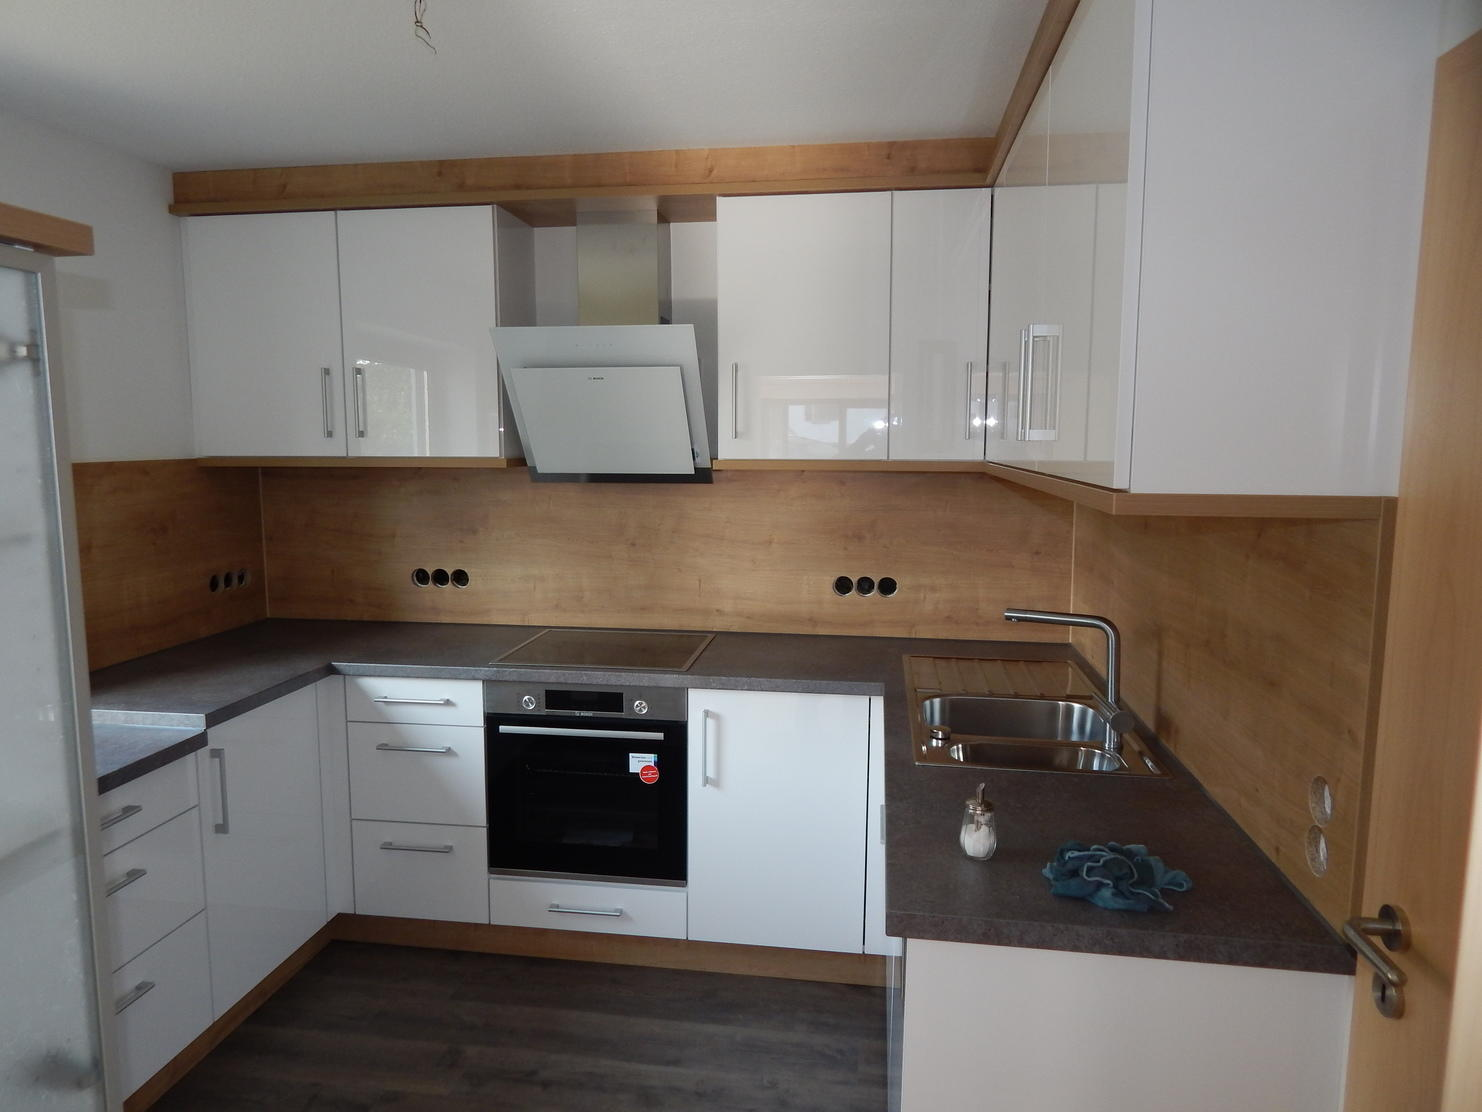 Küche - Möbelwelten   Schreinerei Albert Beck - Haldenwang